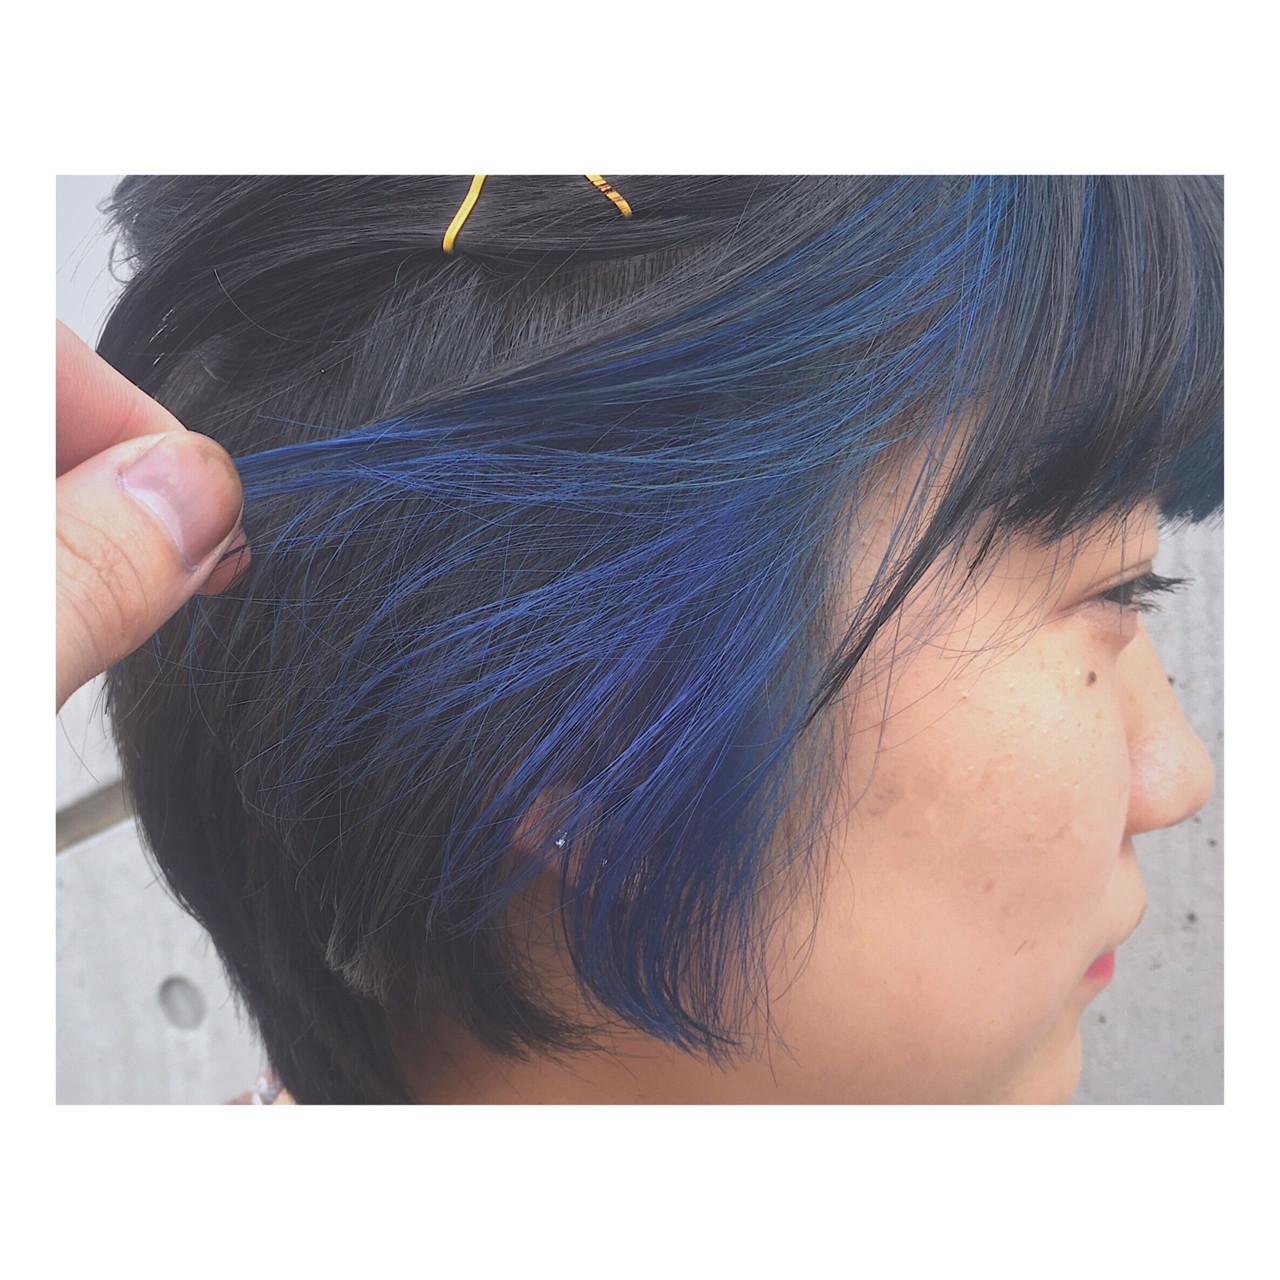 インナーカラー ガーリー ブルー アウトドア ヘアスタイルや髪型の写真・画像